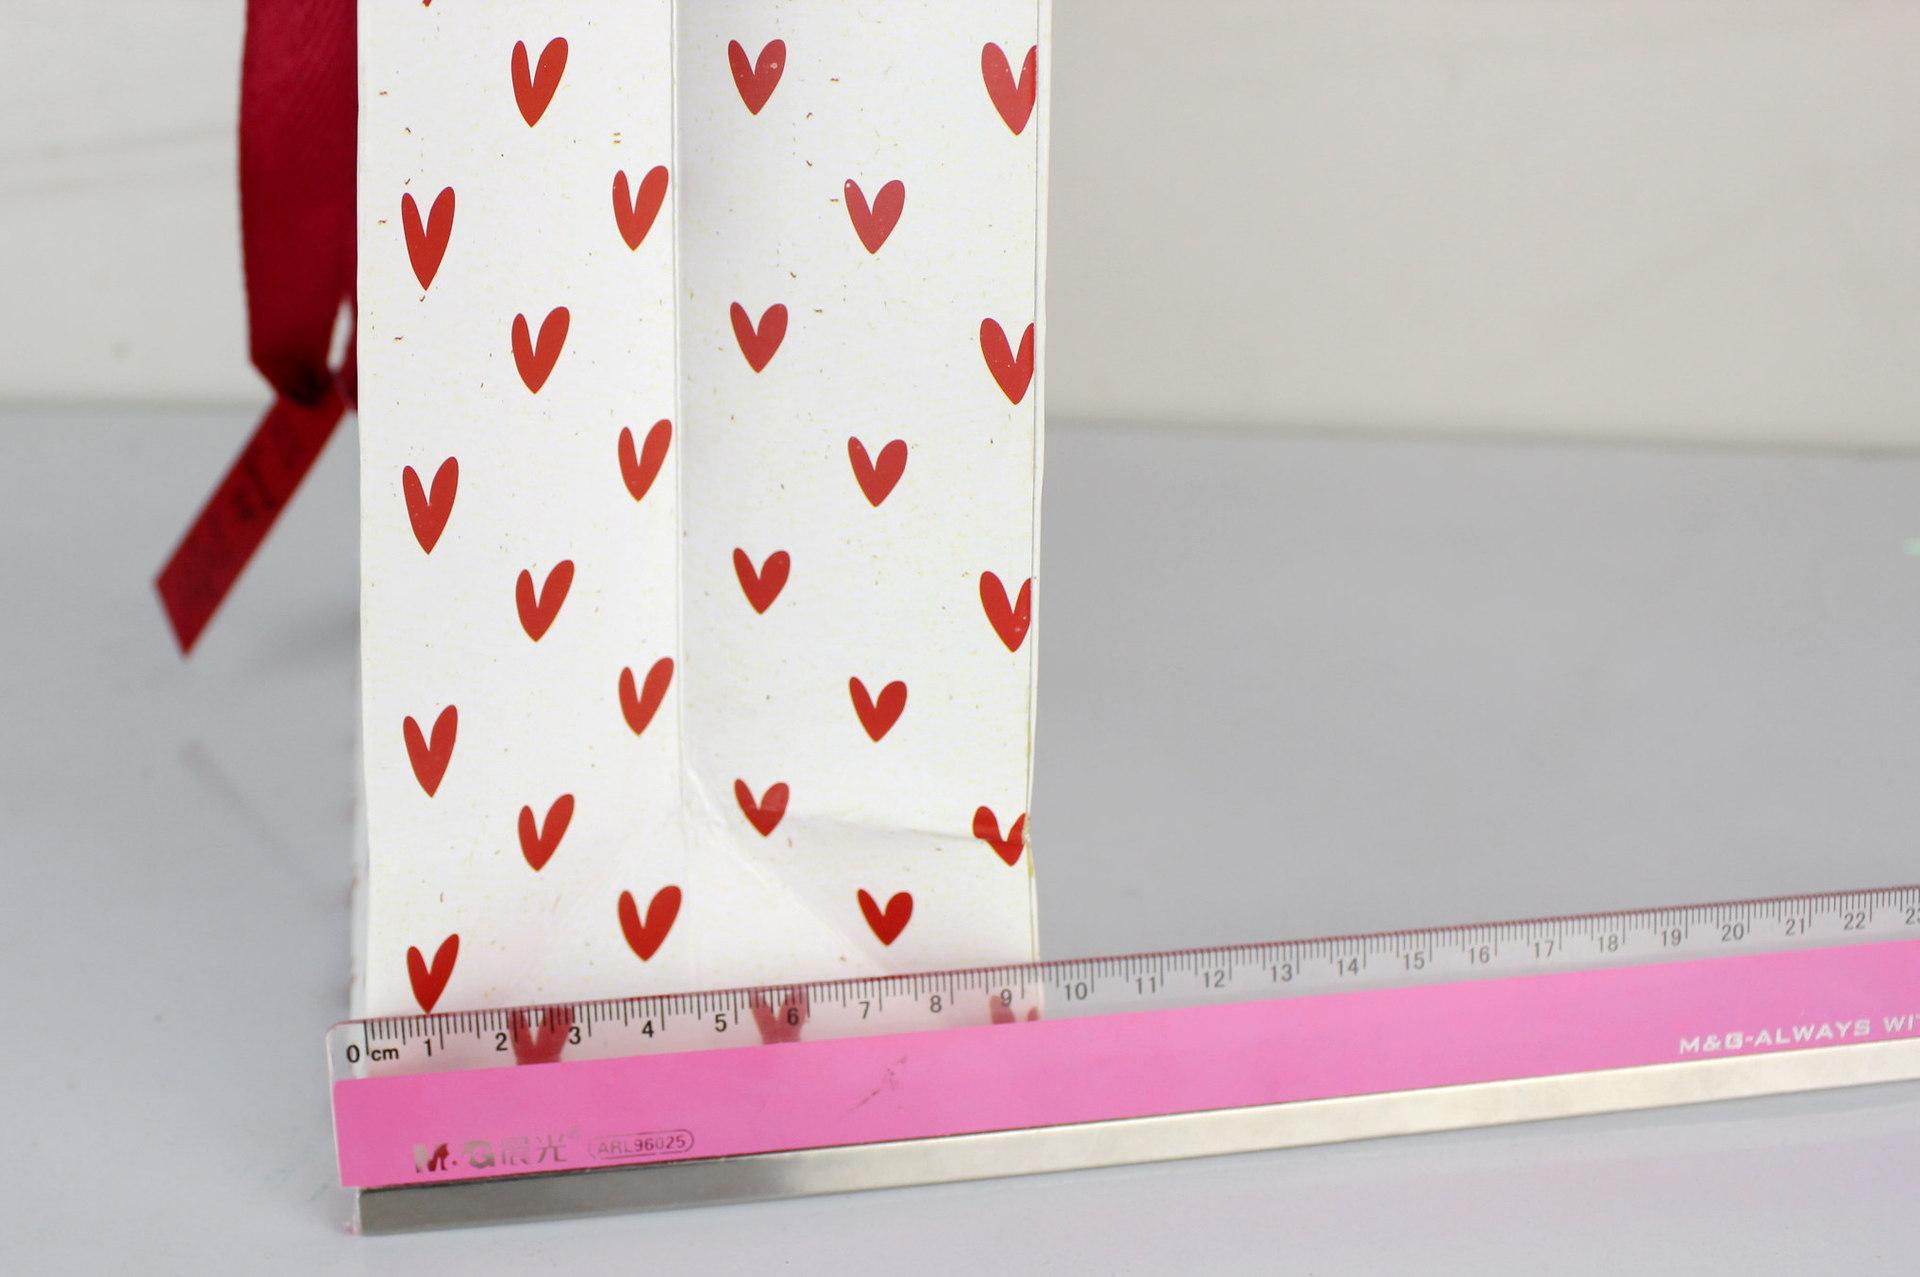 不同形状的容器线条画-560055 加大号系绳白底 红色 V 点状 礼品袋衣物袋